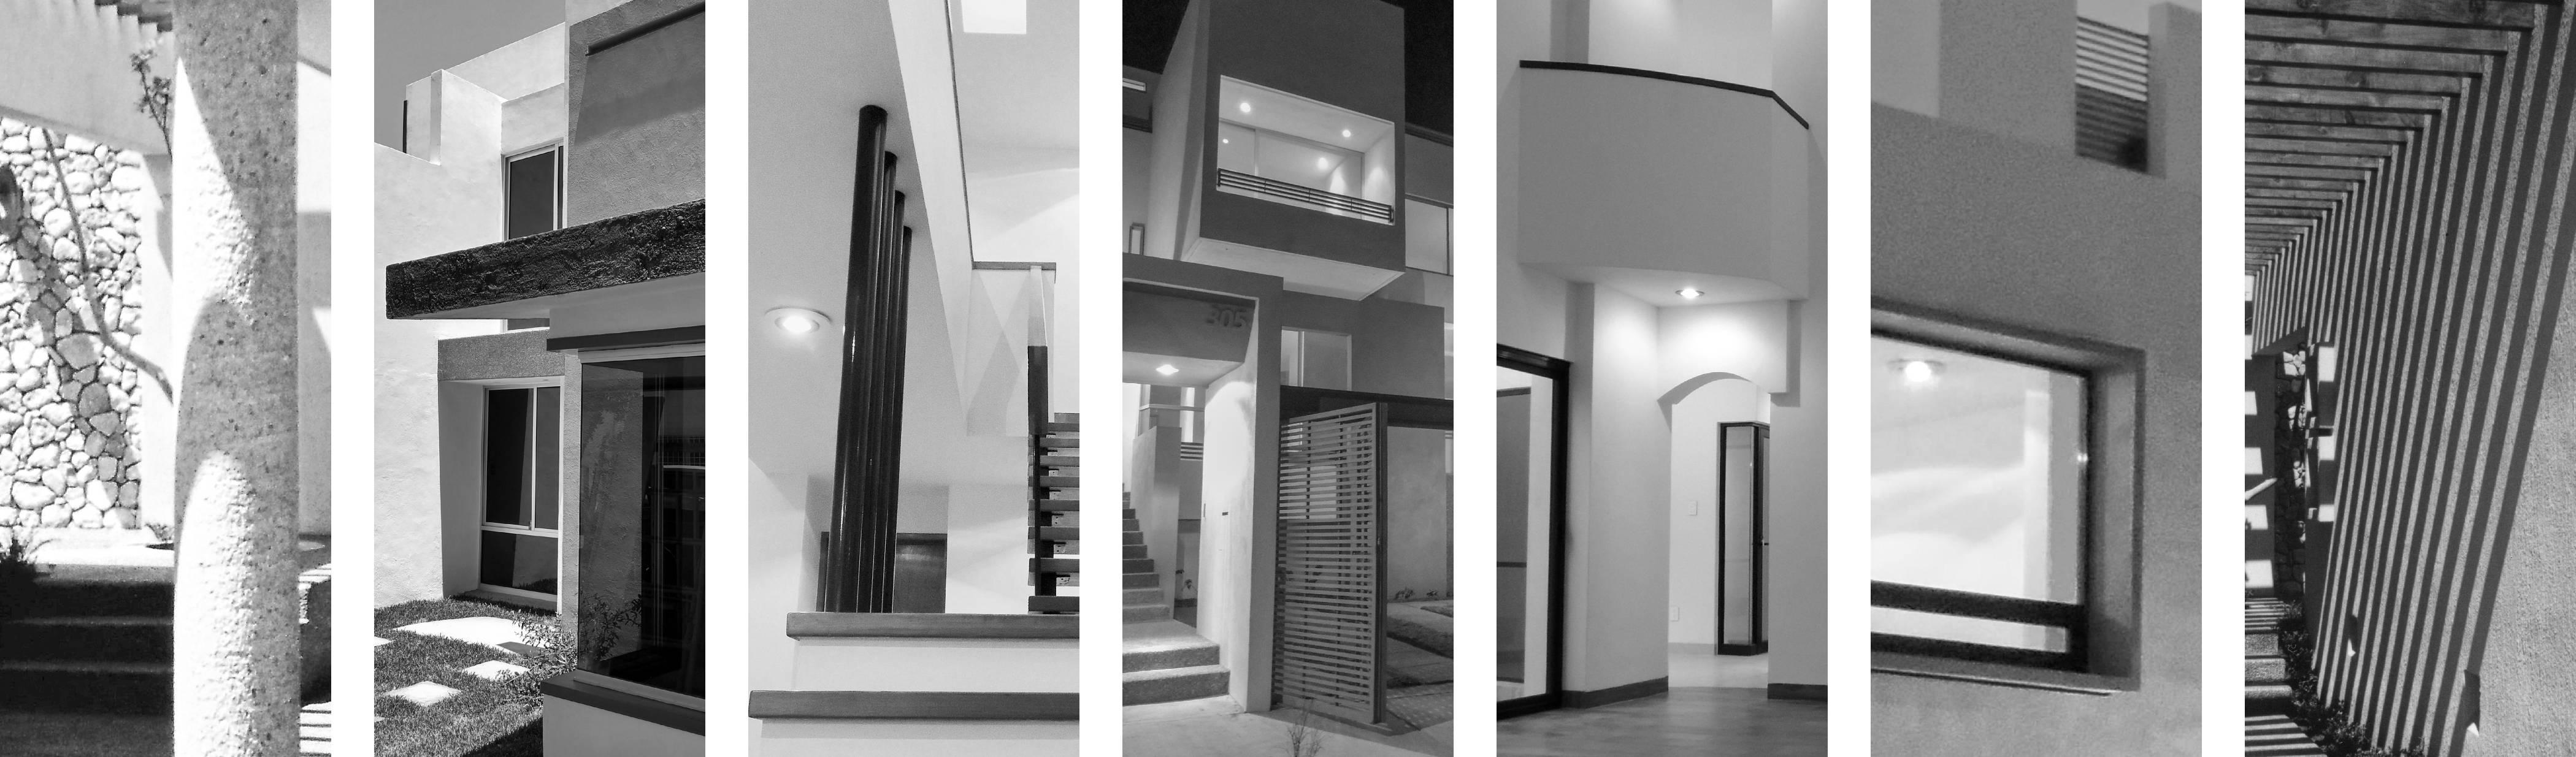 DOOR arquitectos